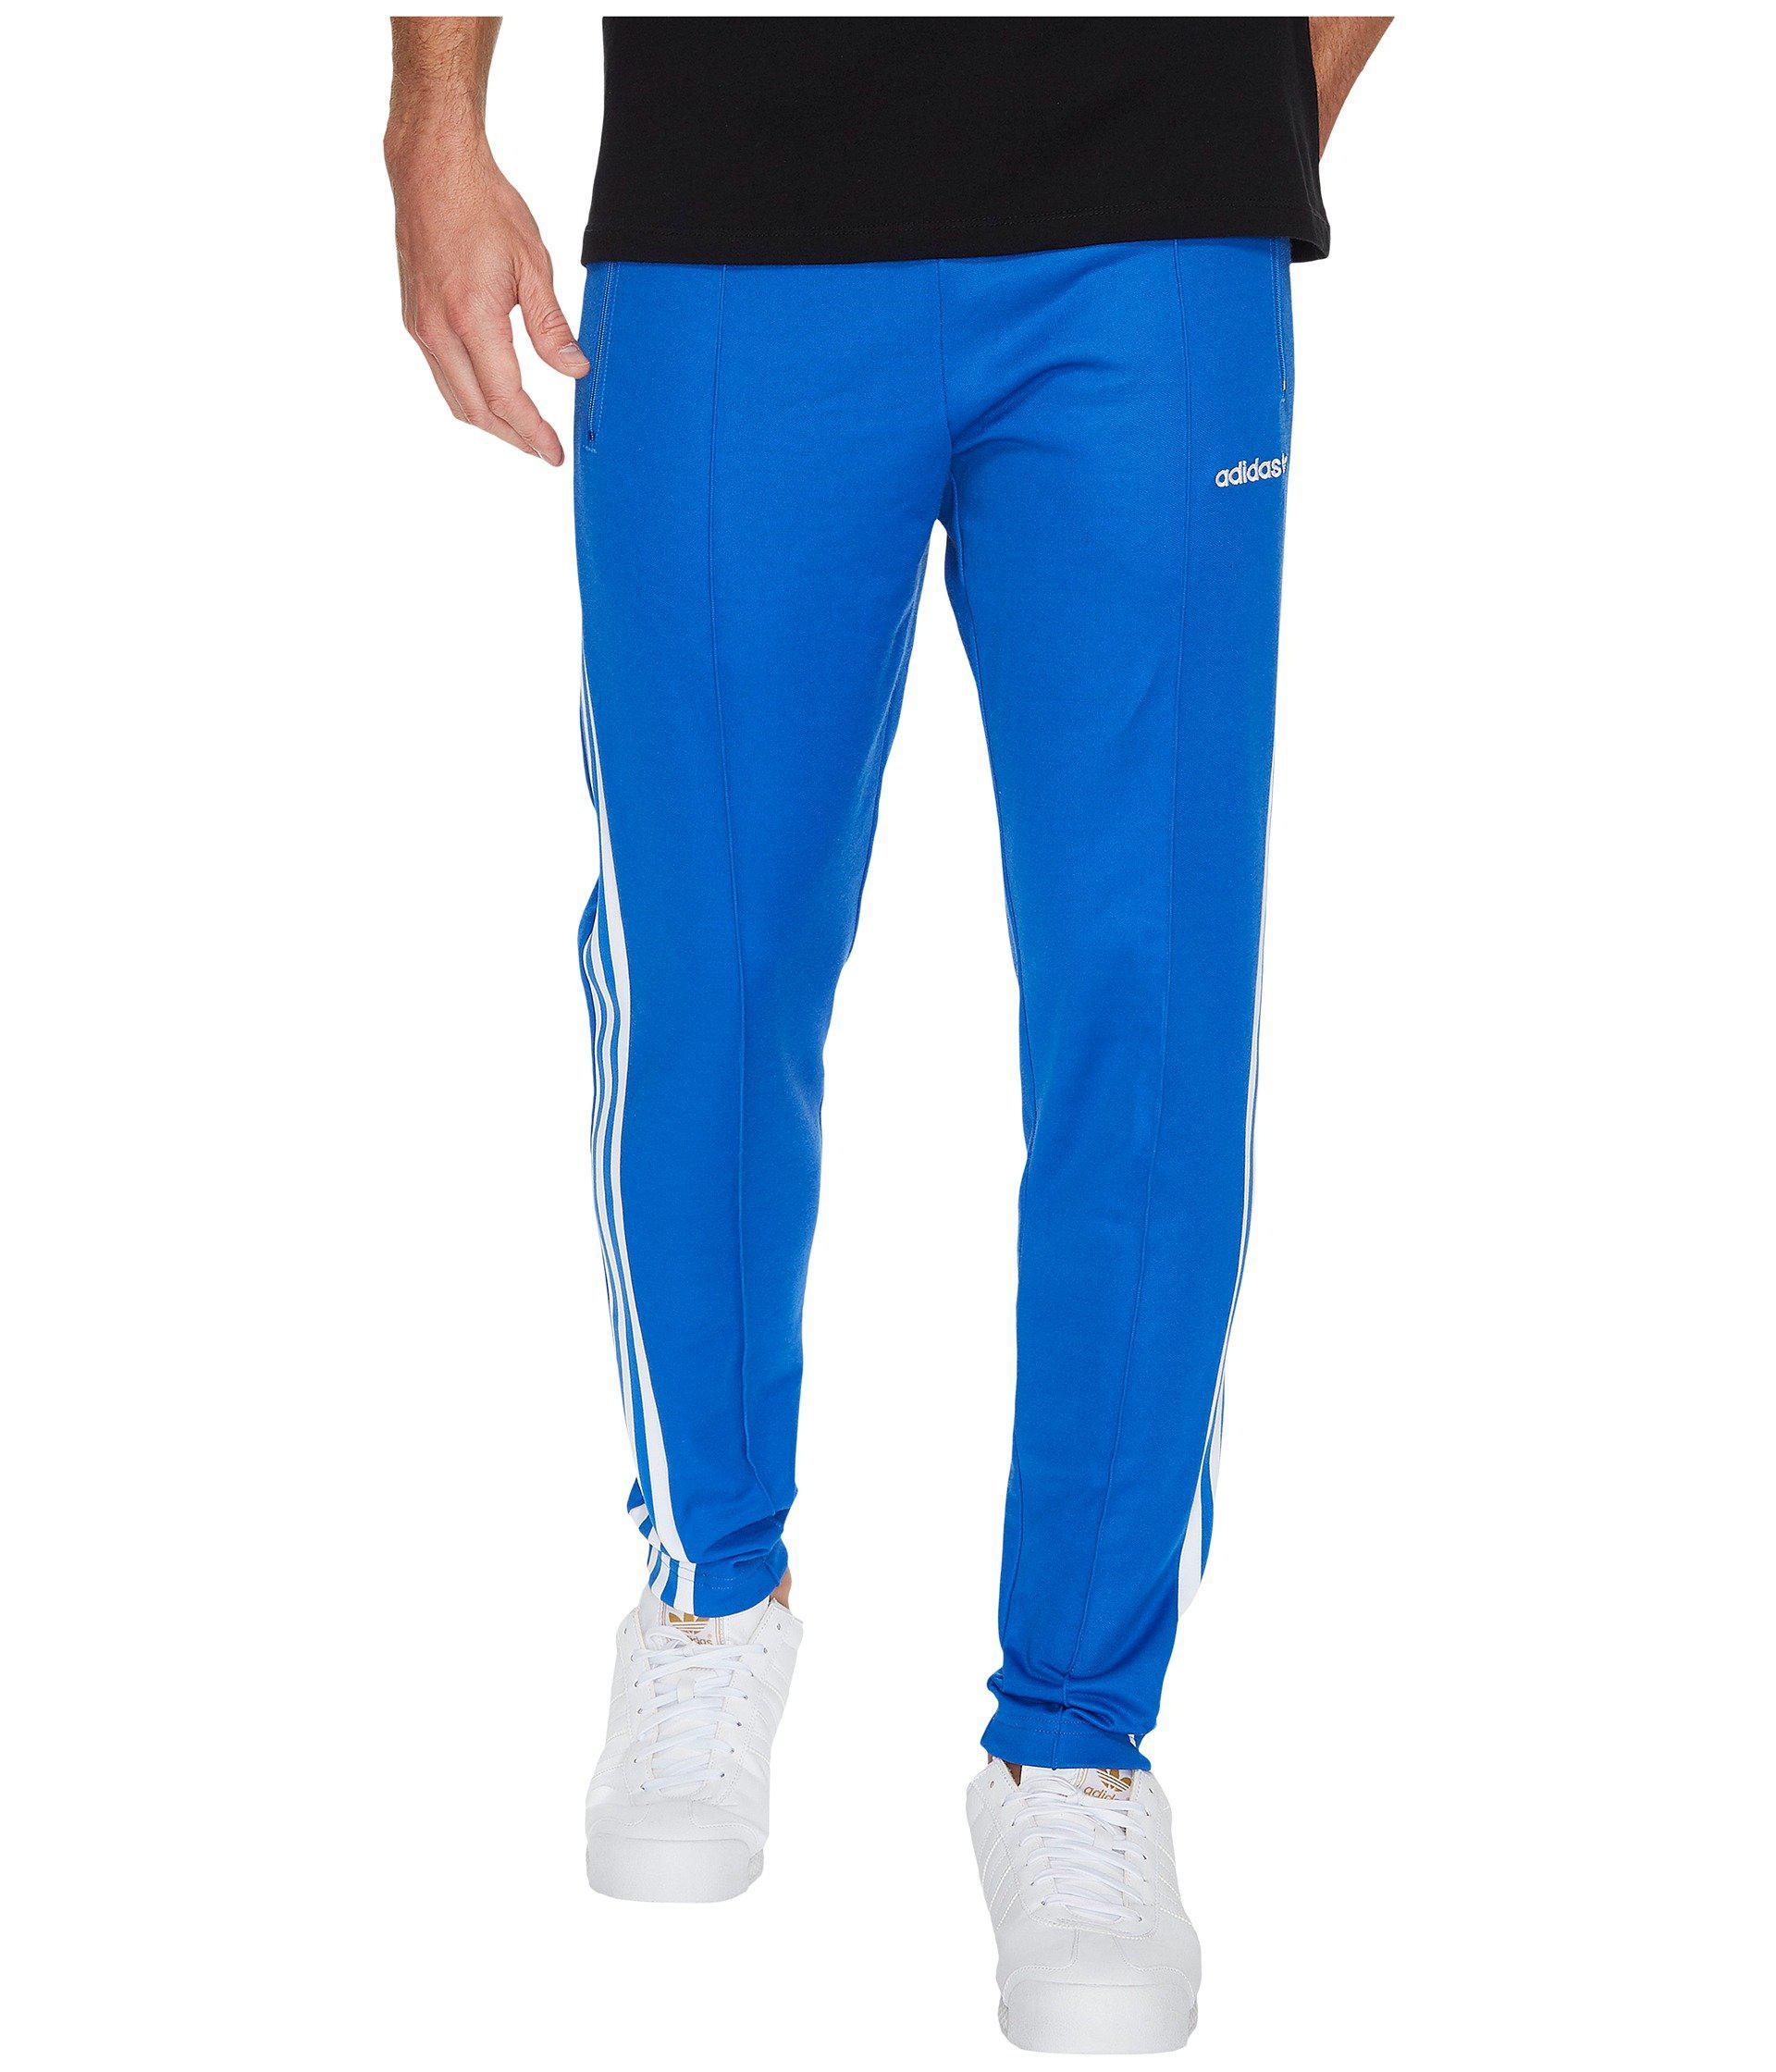 9df3c0a4308a Lyst - adidas Originals Beckenbauer Open Hem Track Pants (black ...